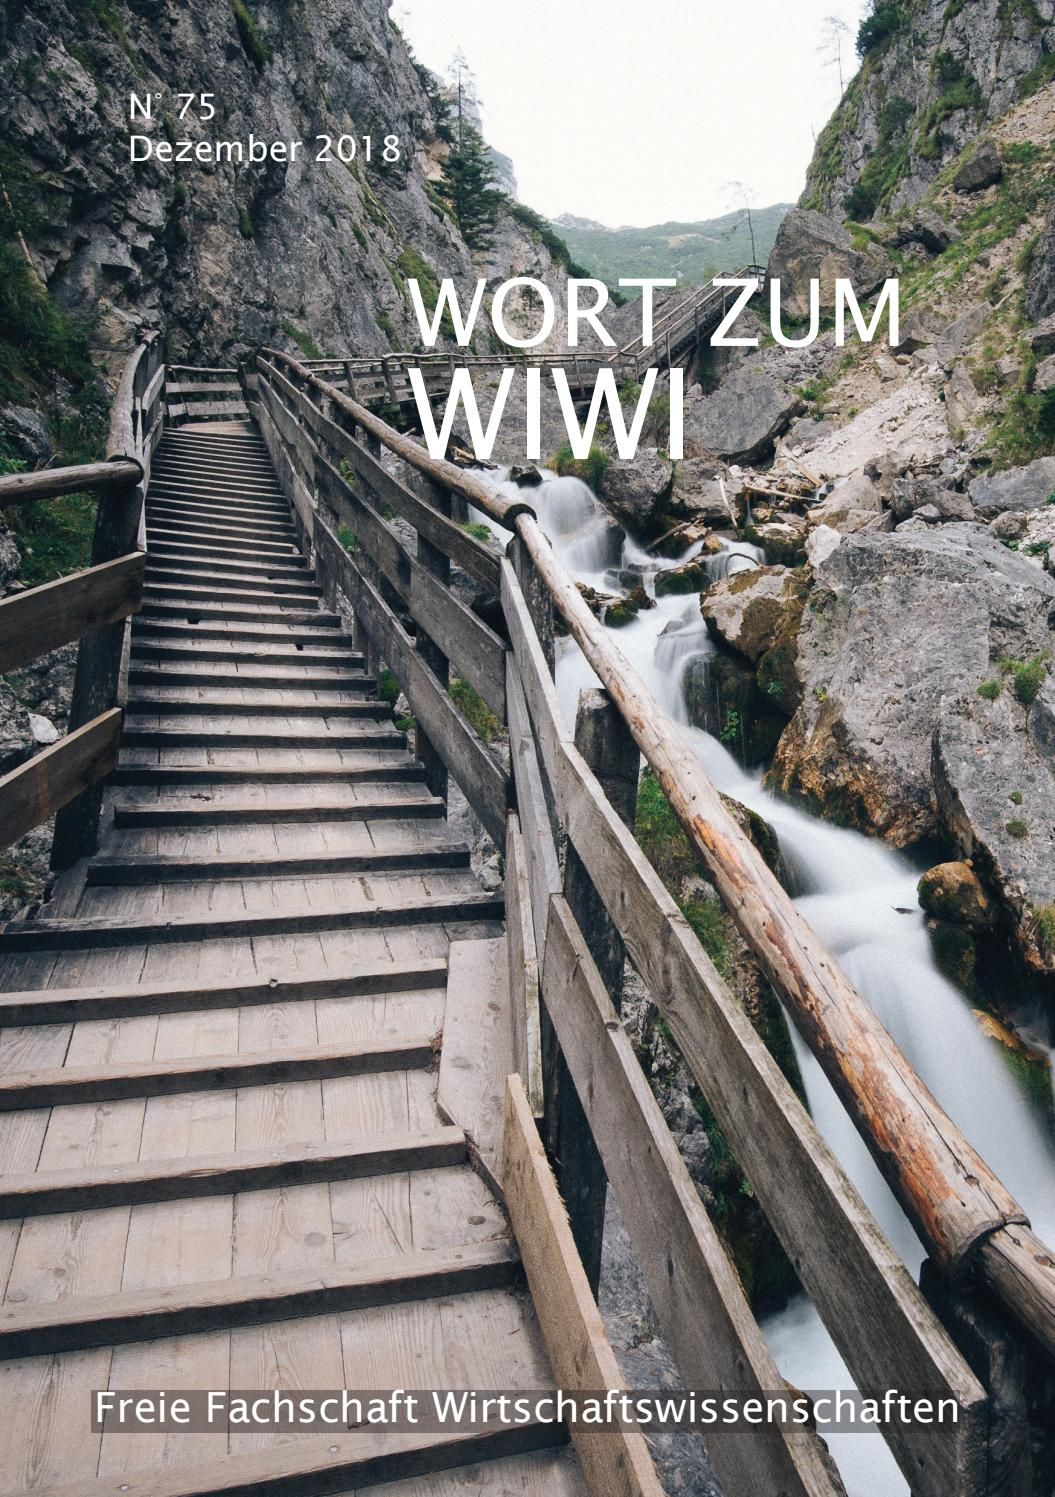 Wort Zum Wiwi Ws18 19 N 75 By Freie Fachschaft Wiwi Uni